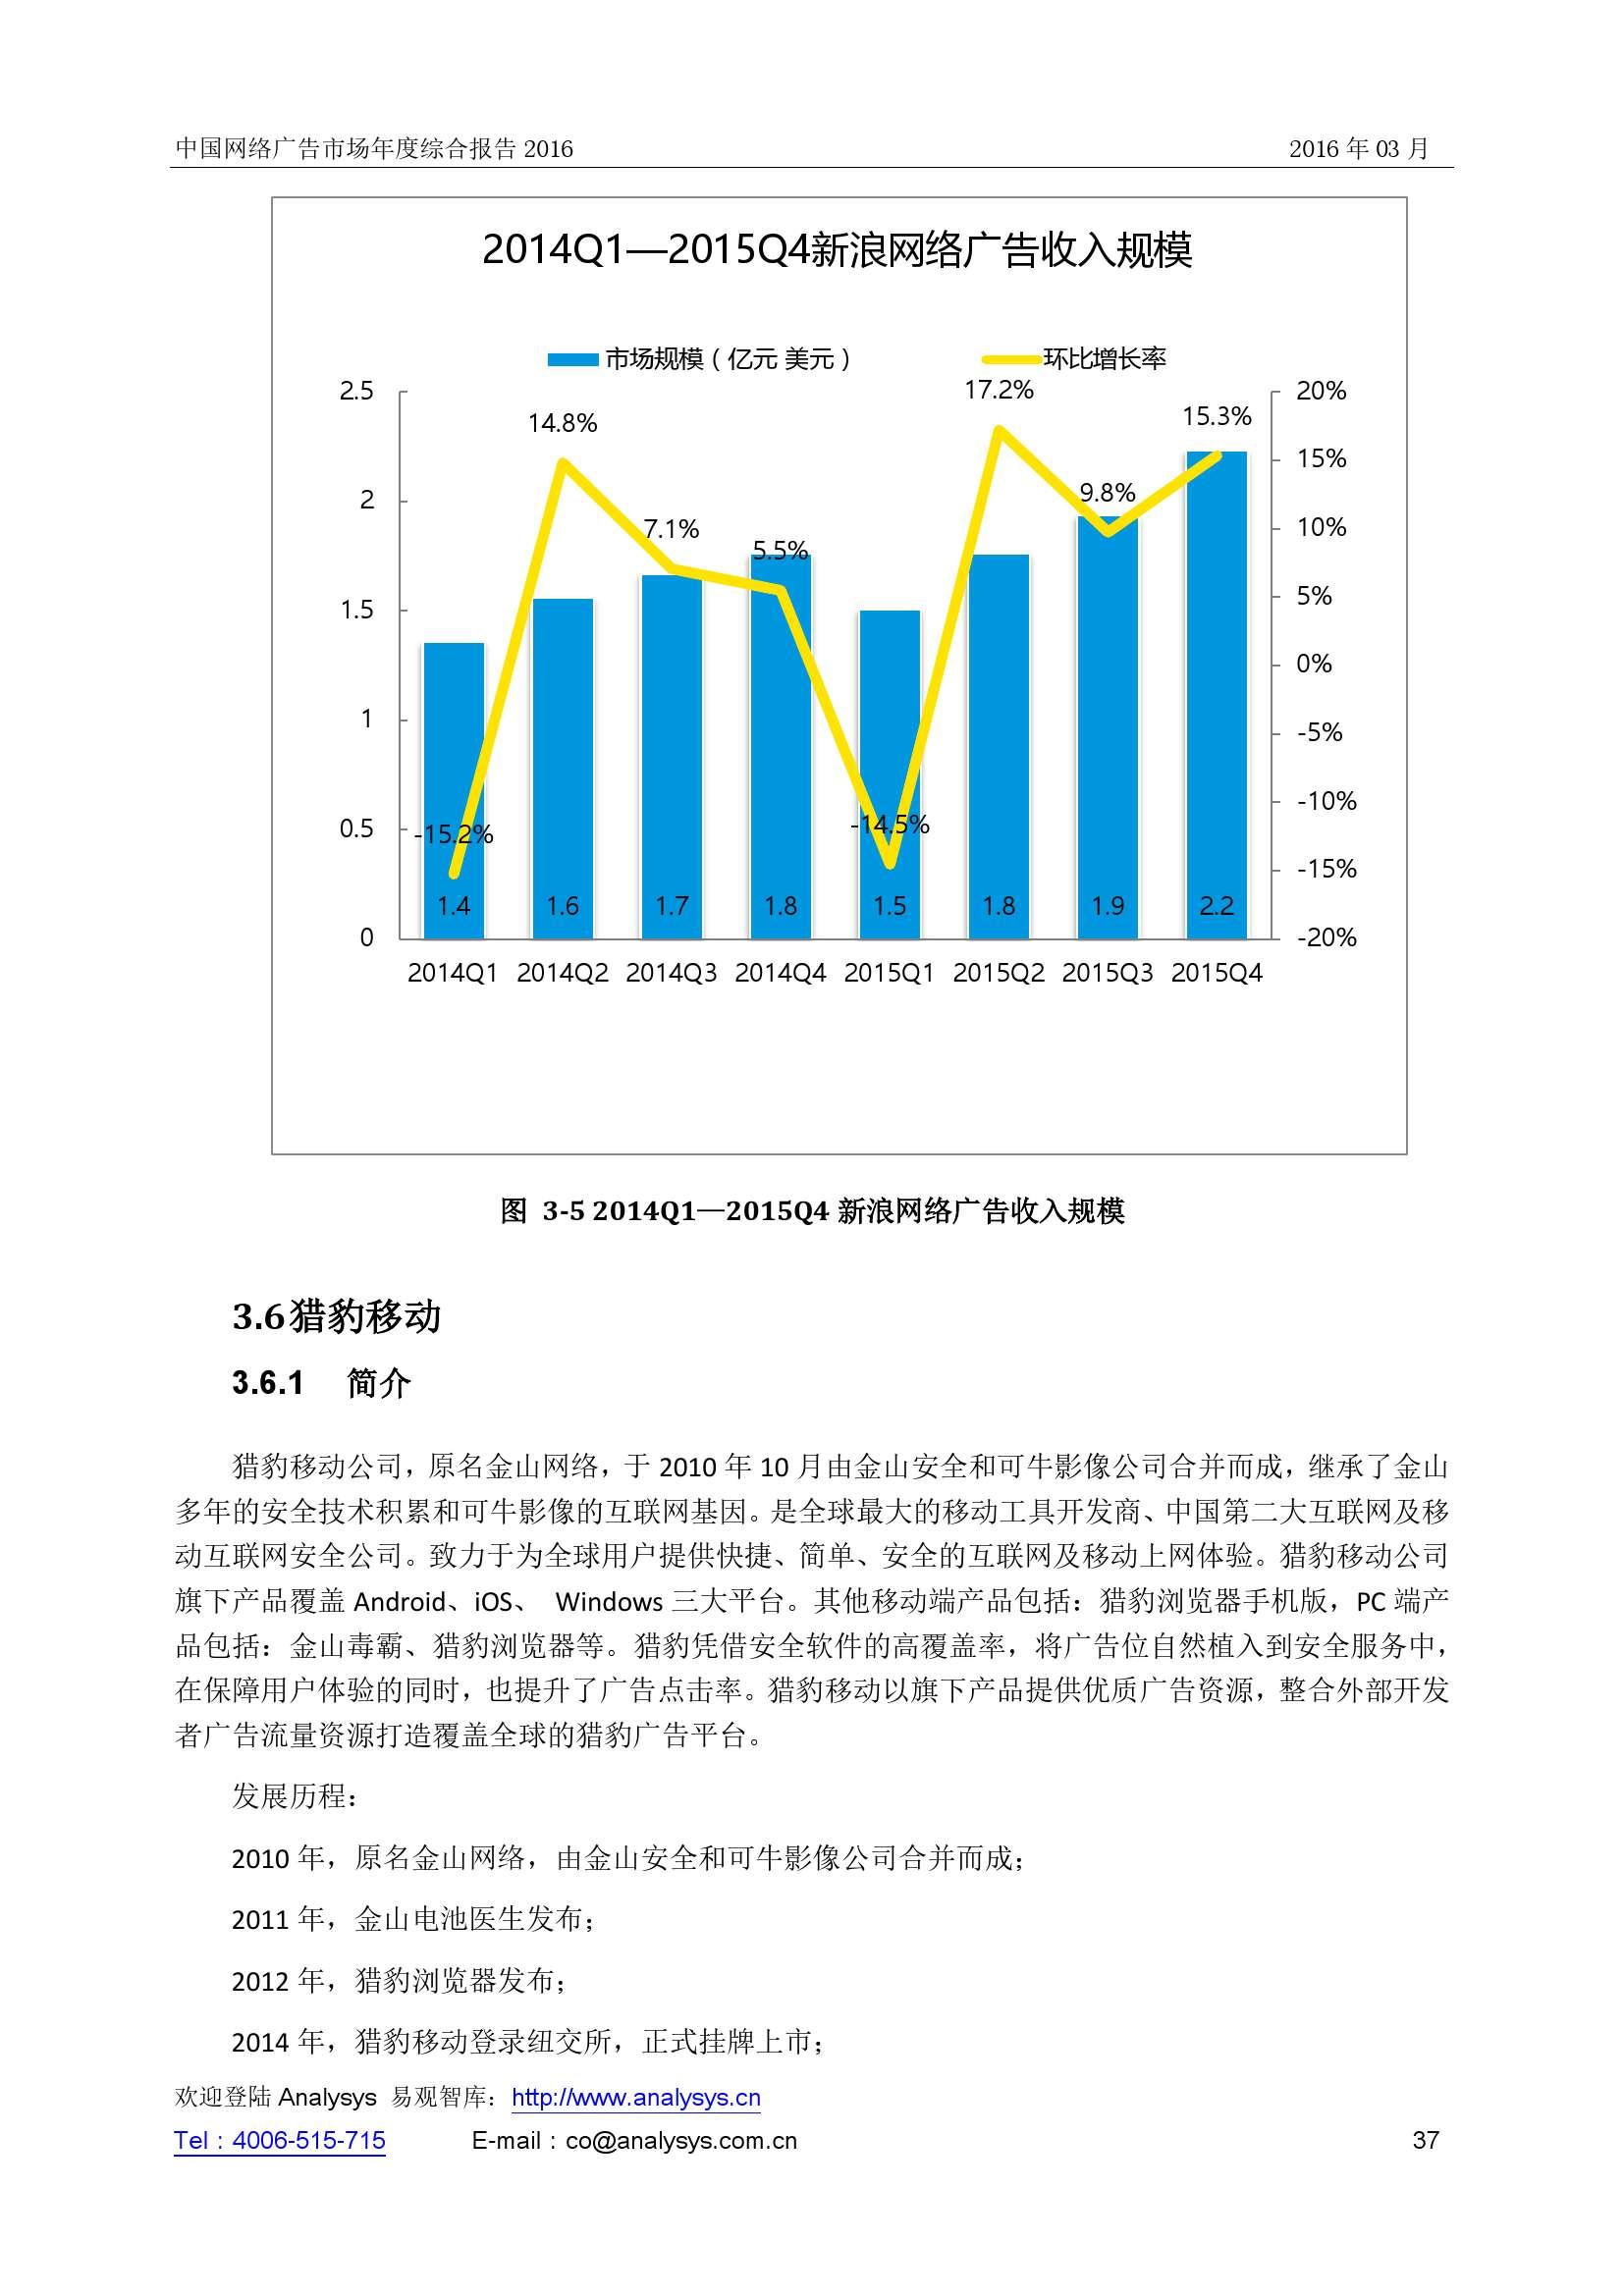 中国网络广告市场年度综合报告2016_000037